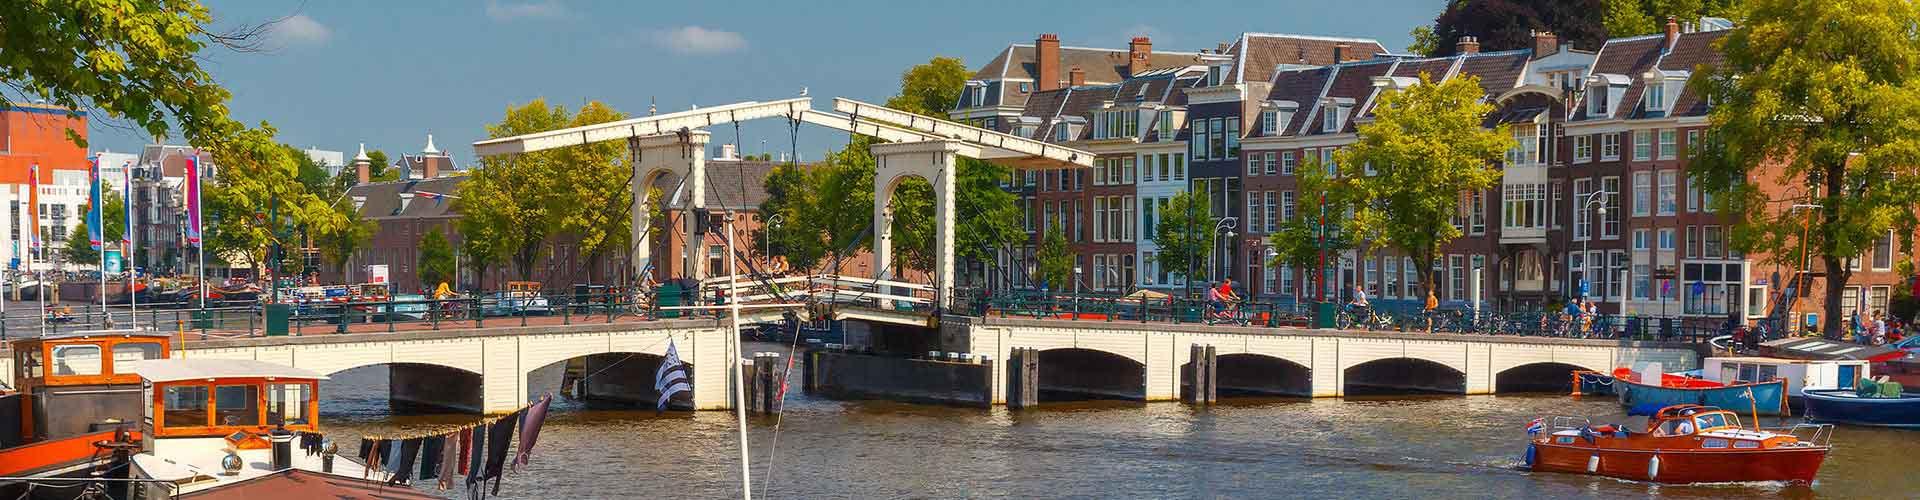 Amsterdam - Chambres près de Magere Brug. Cartes pour Amsterdam, photos et commentaires pour chaque chambre à Amsterdam.